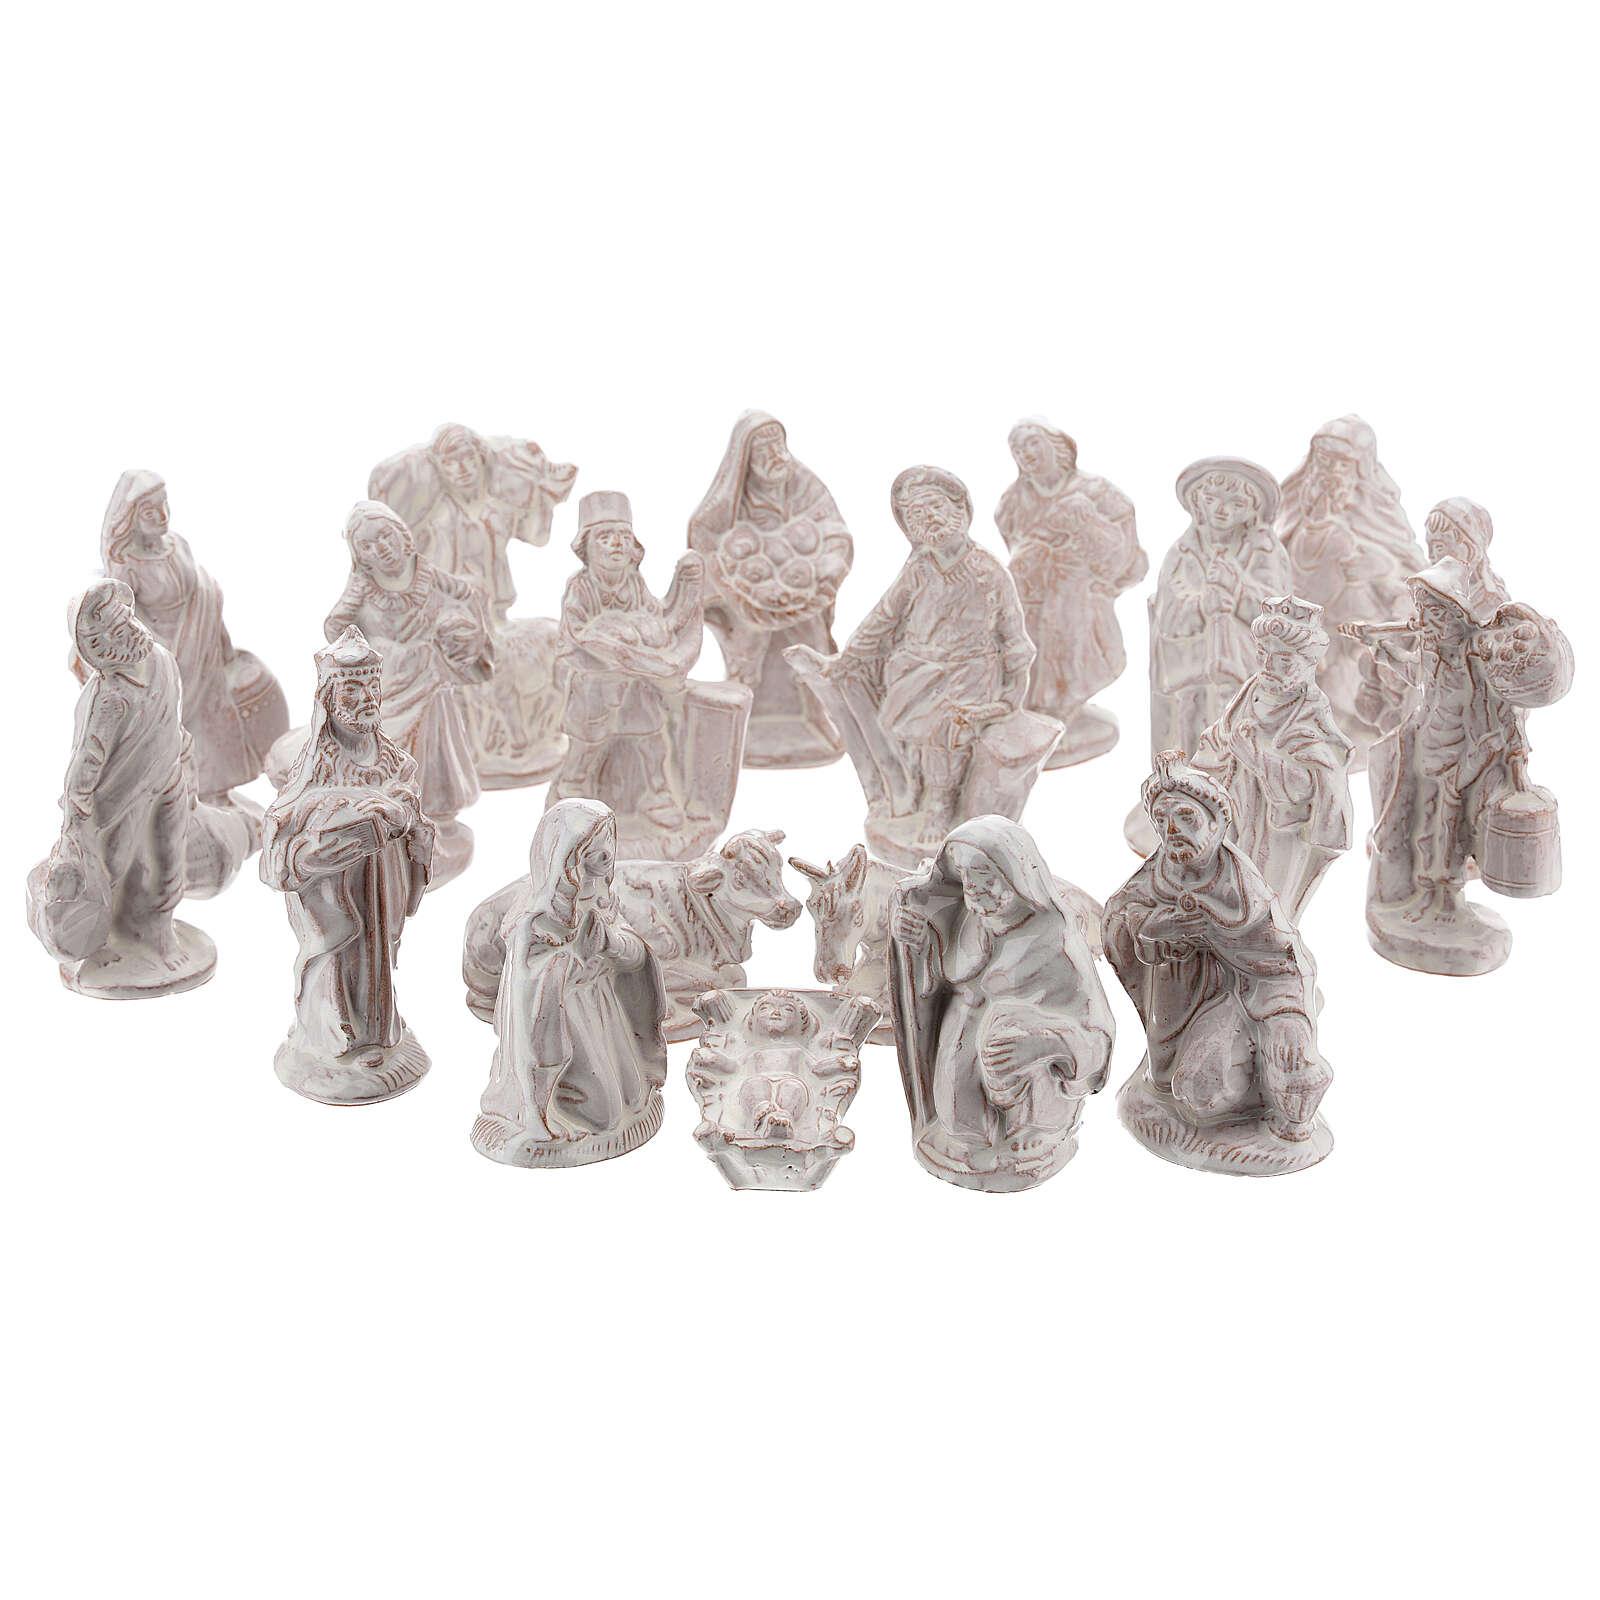 Presepe completo terracotta bianca Deruta 20 pz 10 cm 4